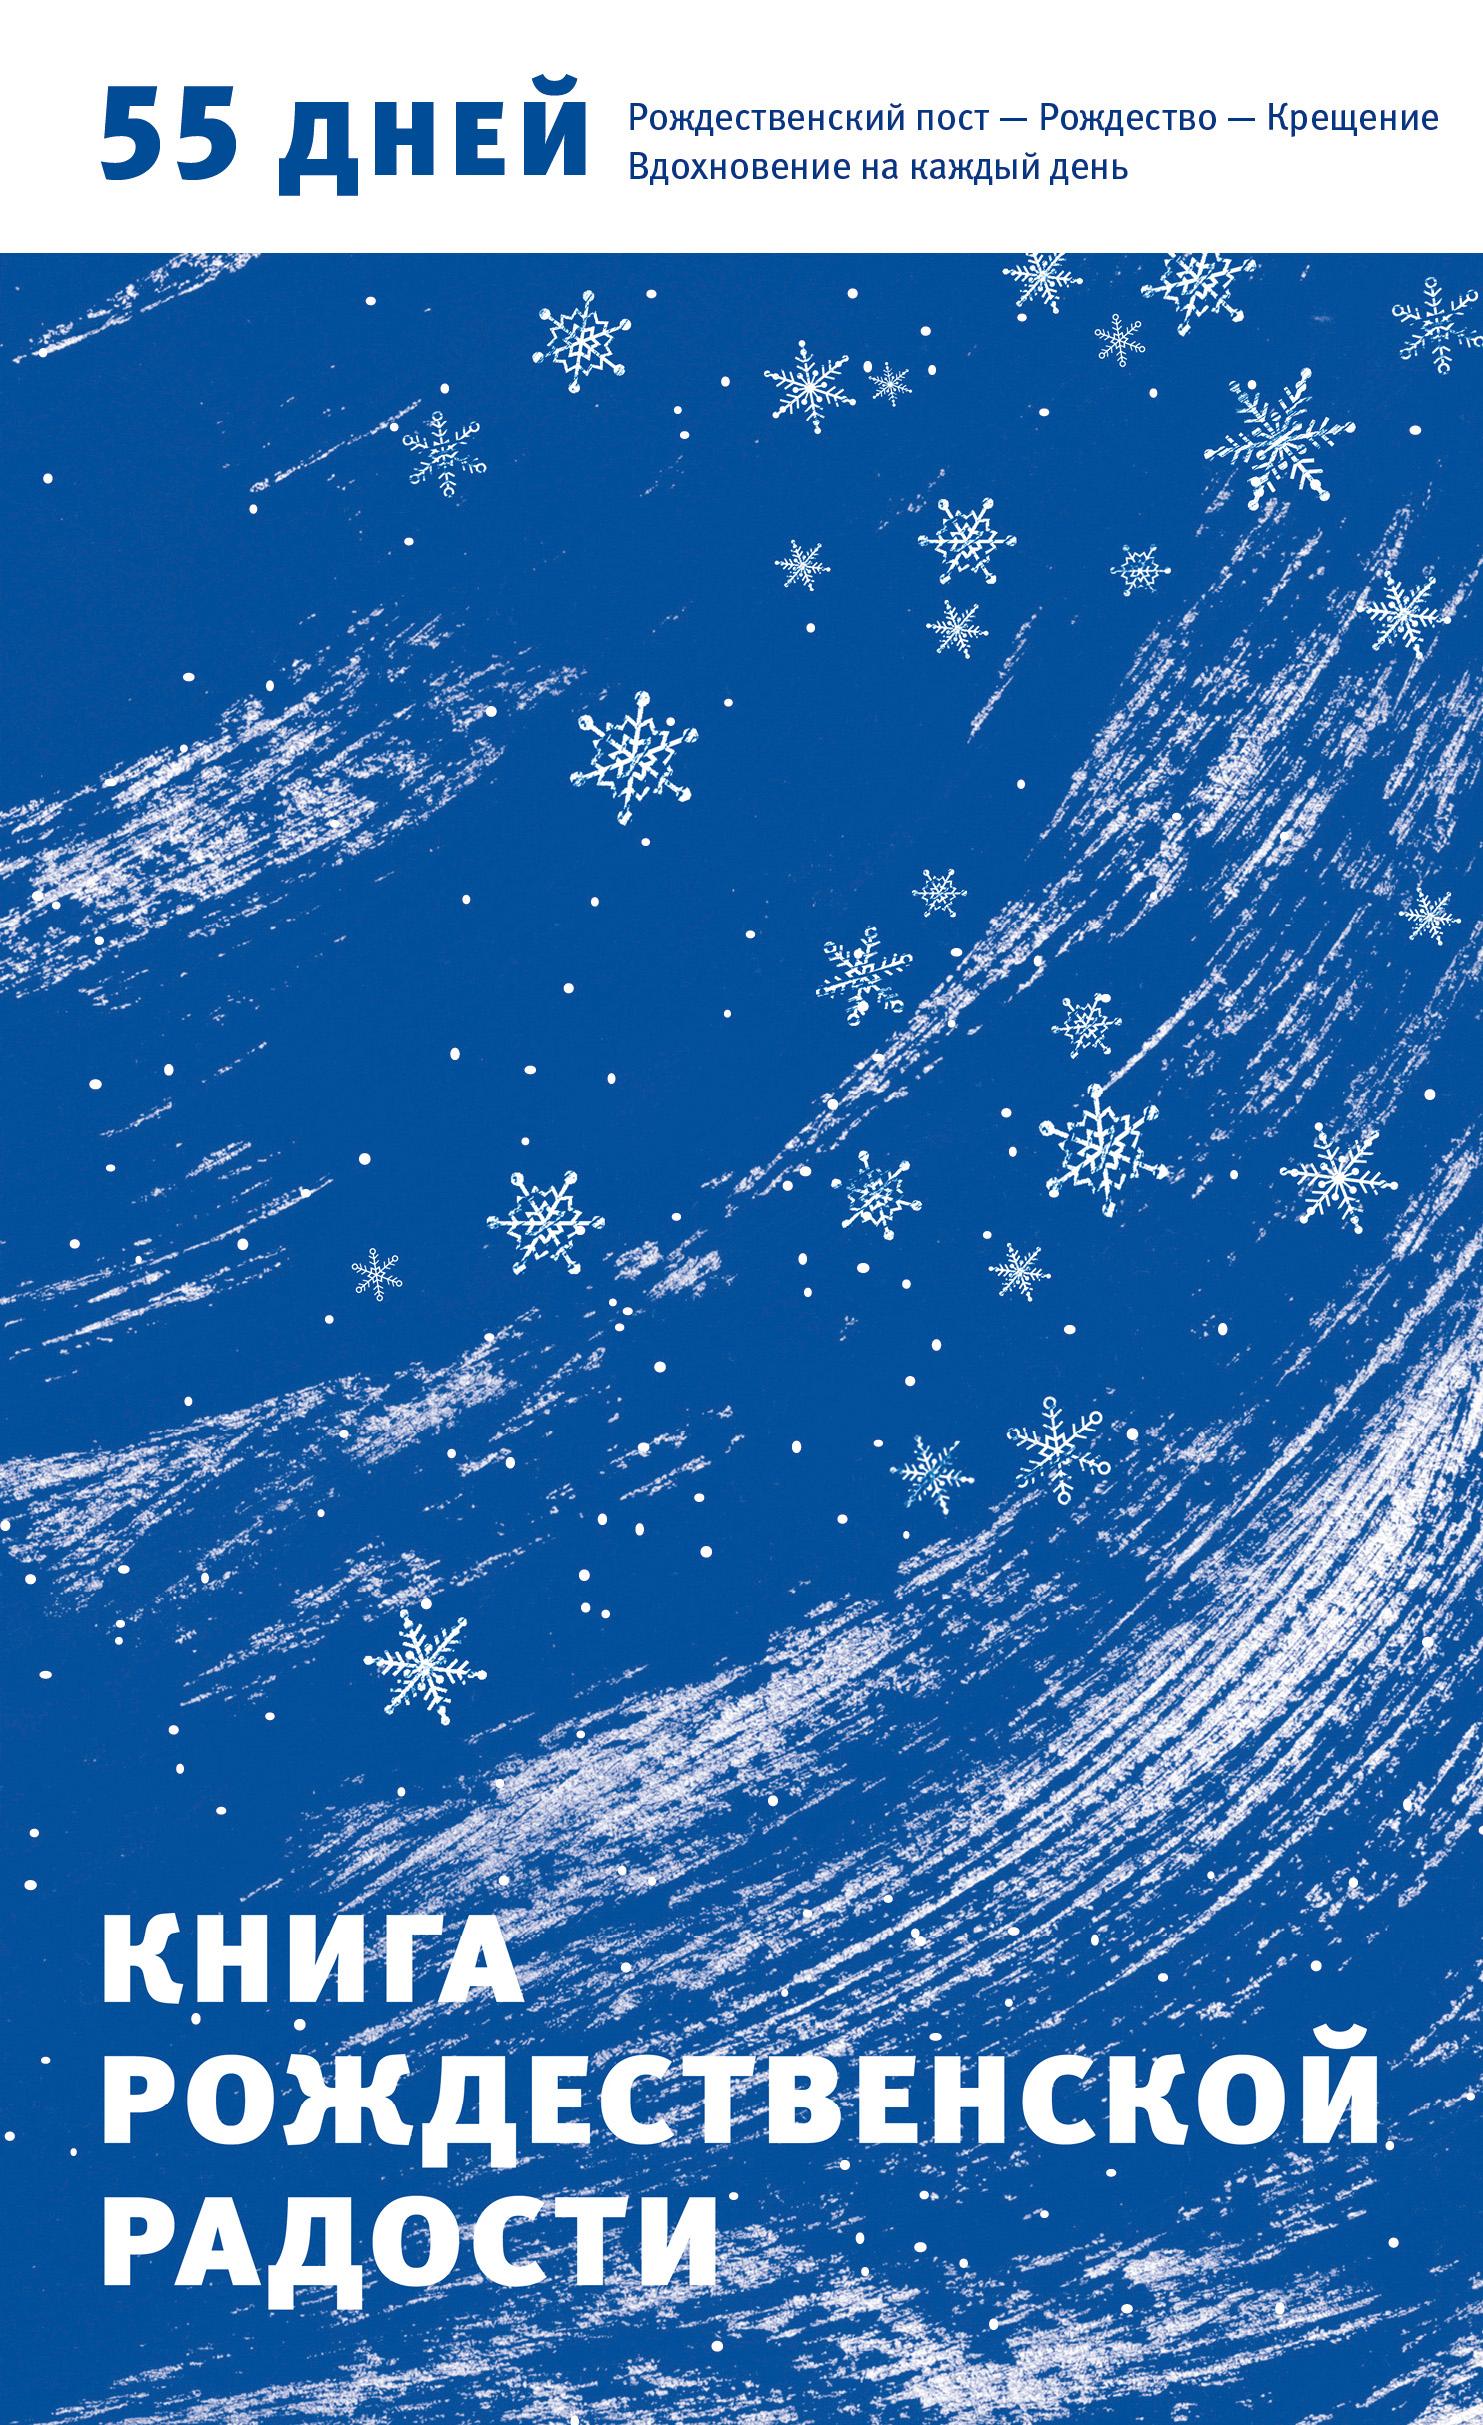 Книга Рождественской радости. 55 дней. Рождественский пост – Рождество – Крещение. Вдохновение на каждый день